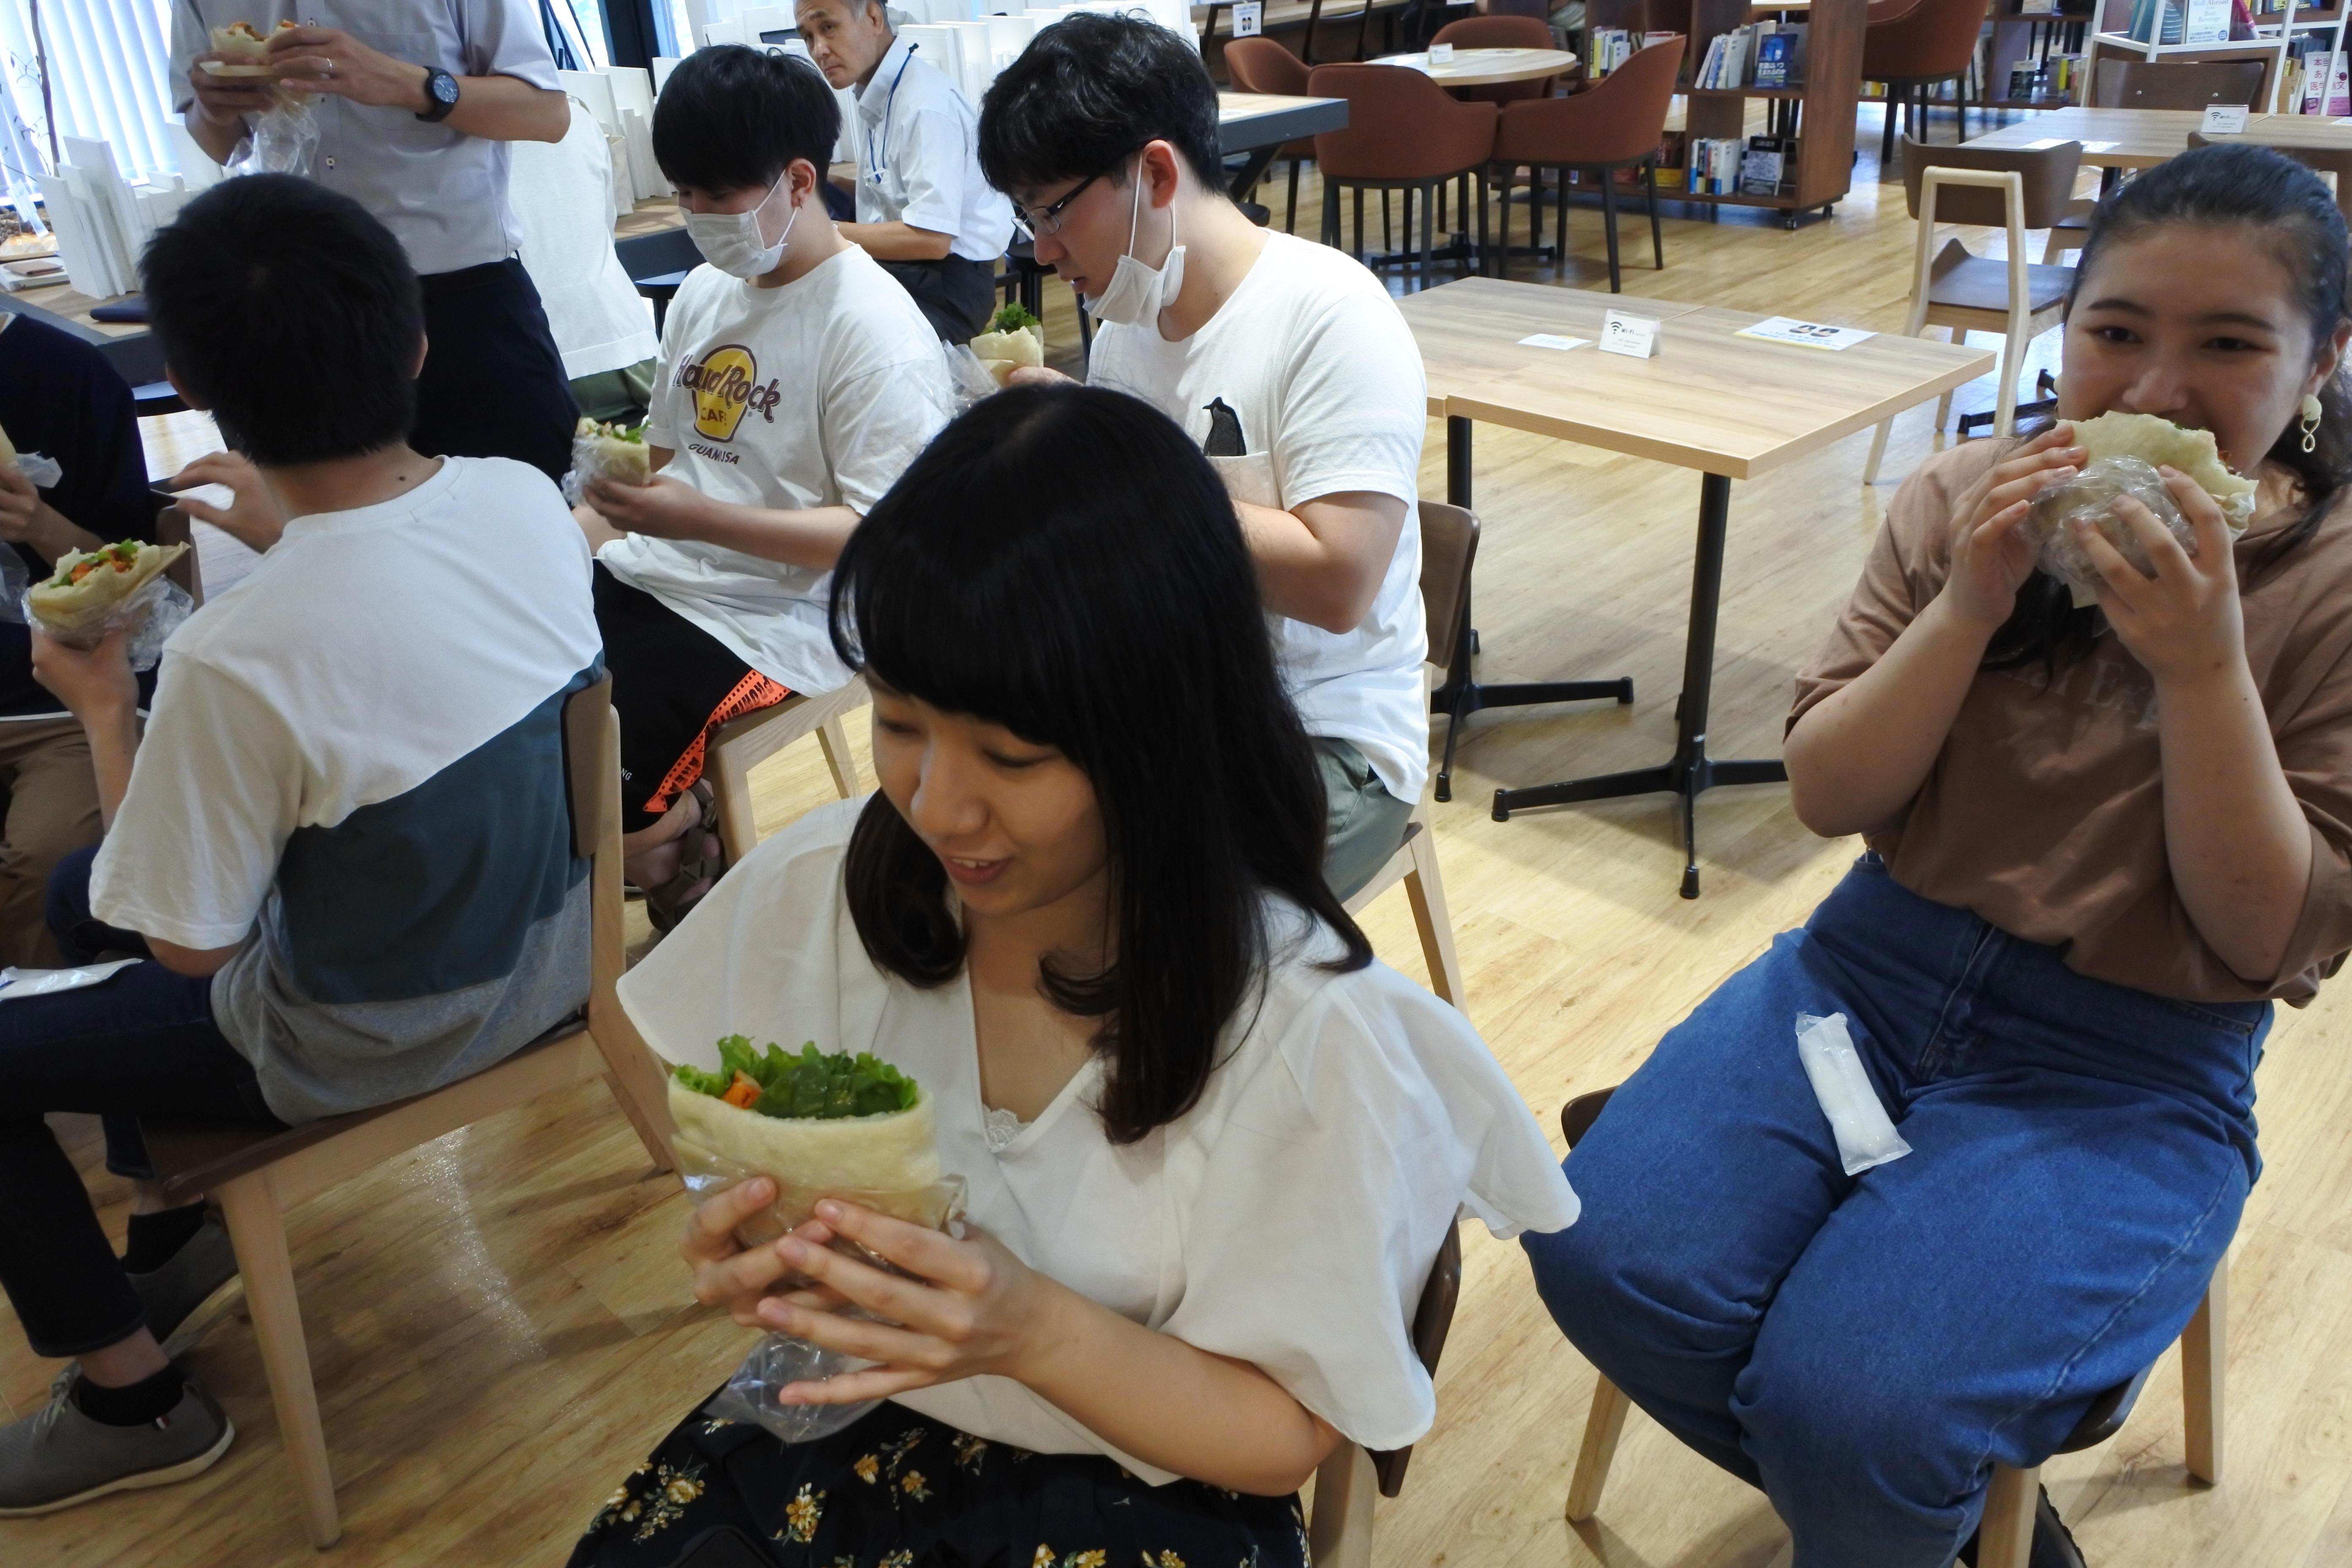 ピタパンサンド「エスニックサボーレ」を試食する学生たち